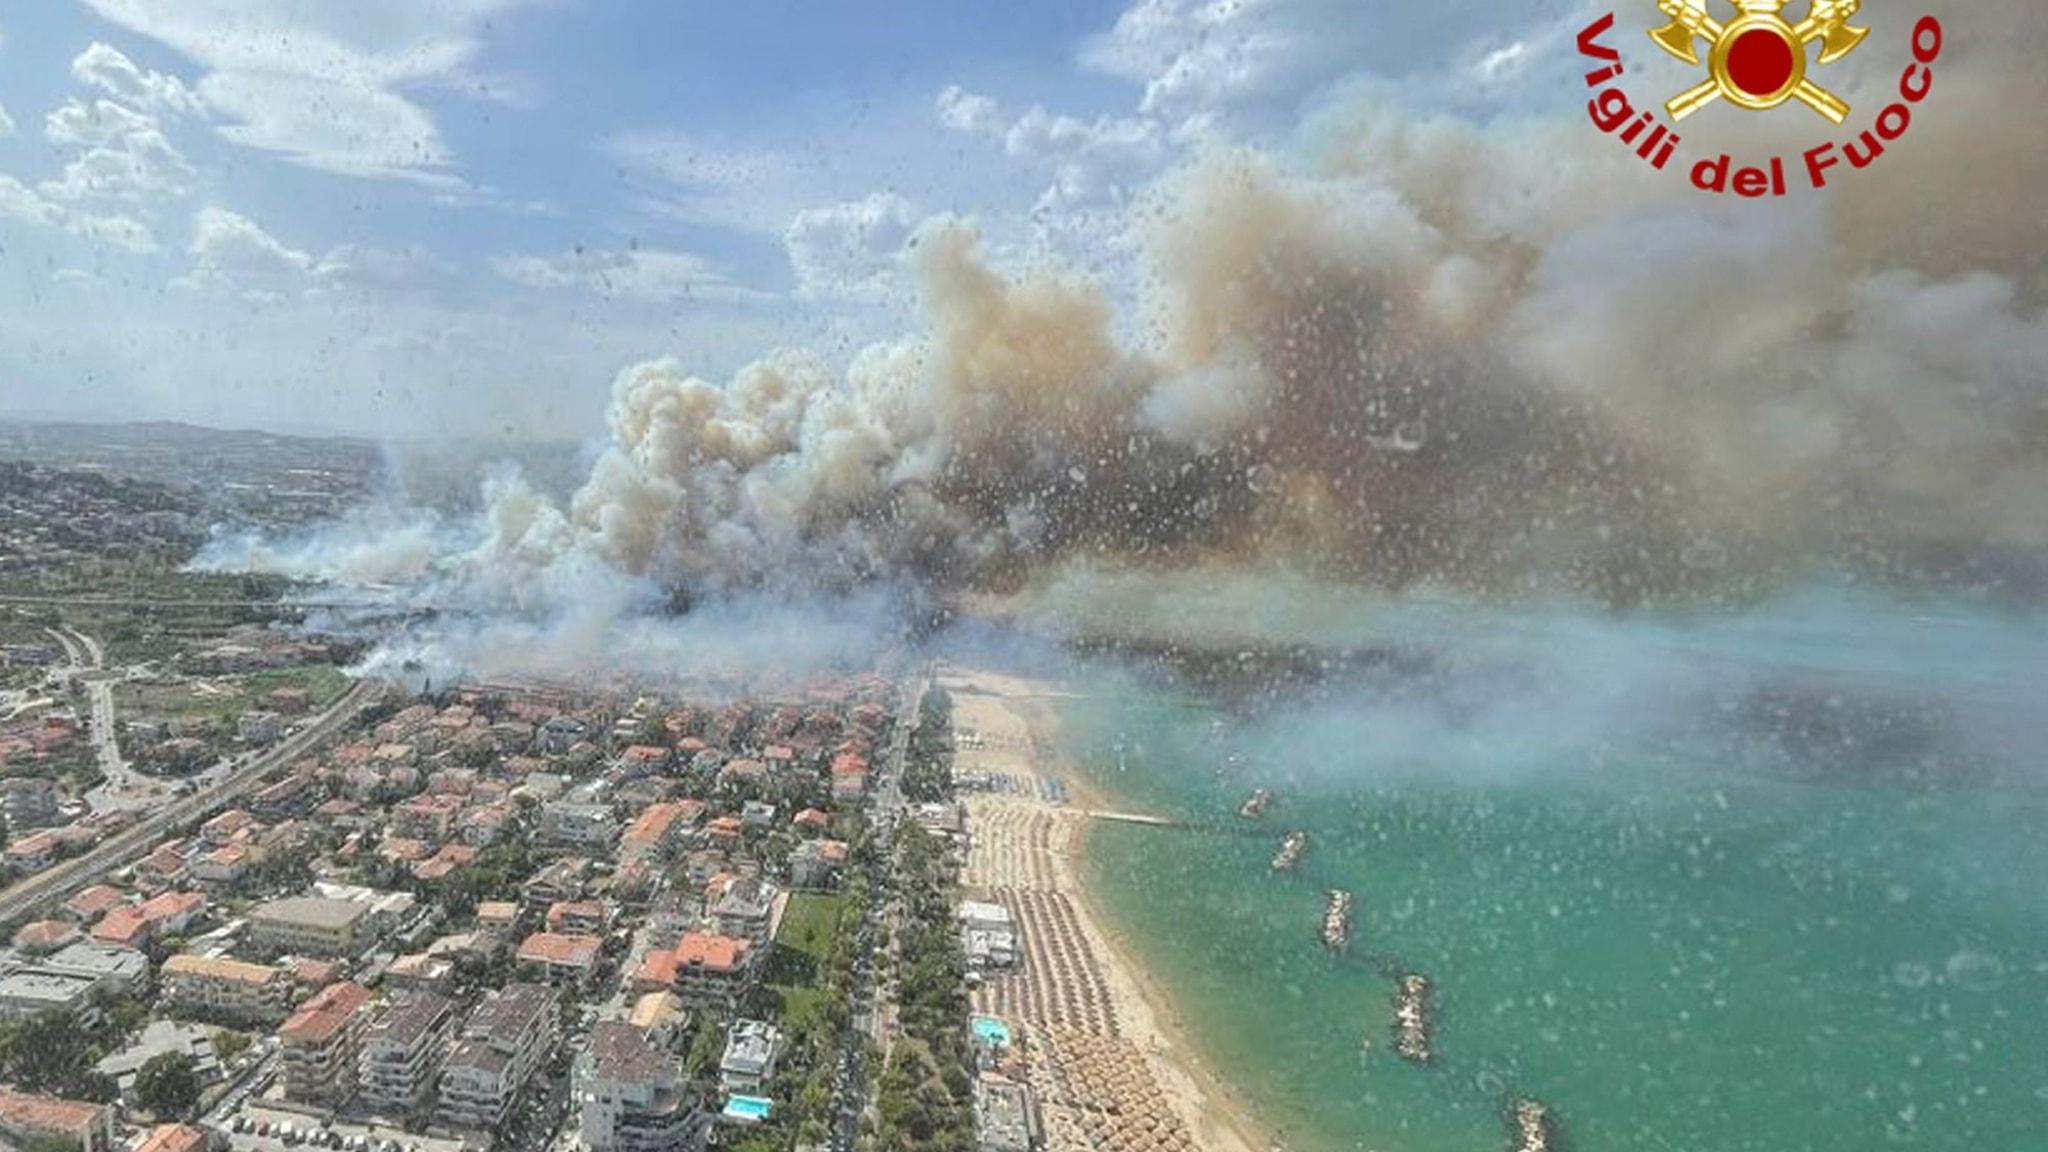 På bilden ser man en italiensk stad till vänster, och havet till höger. Mitt i bilden ser man stora gråa rökmoln.